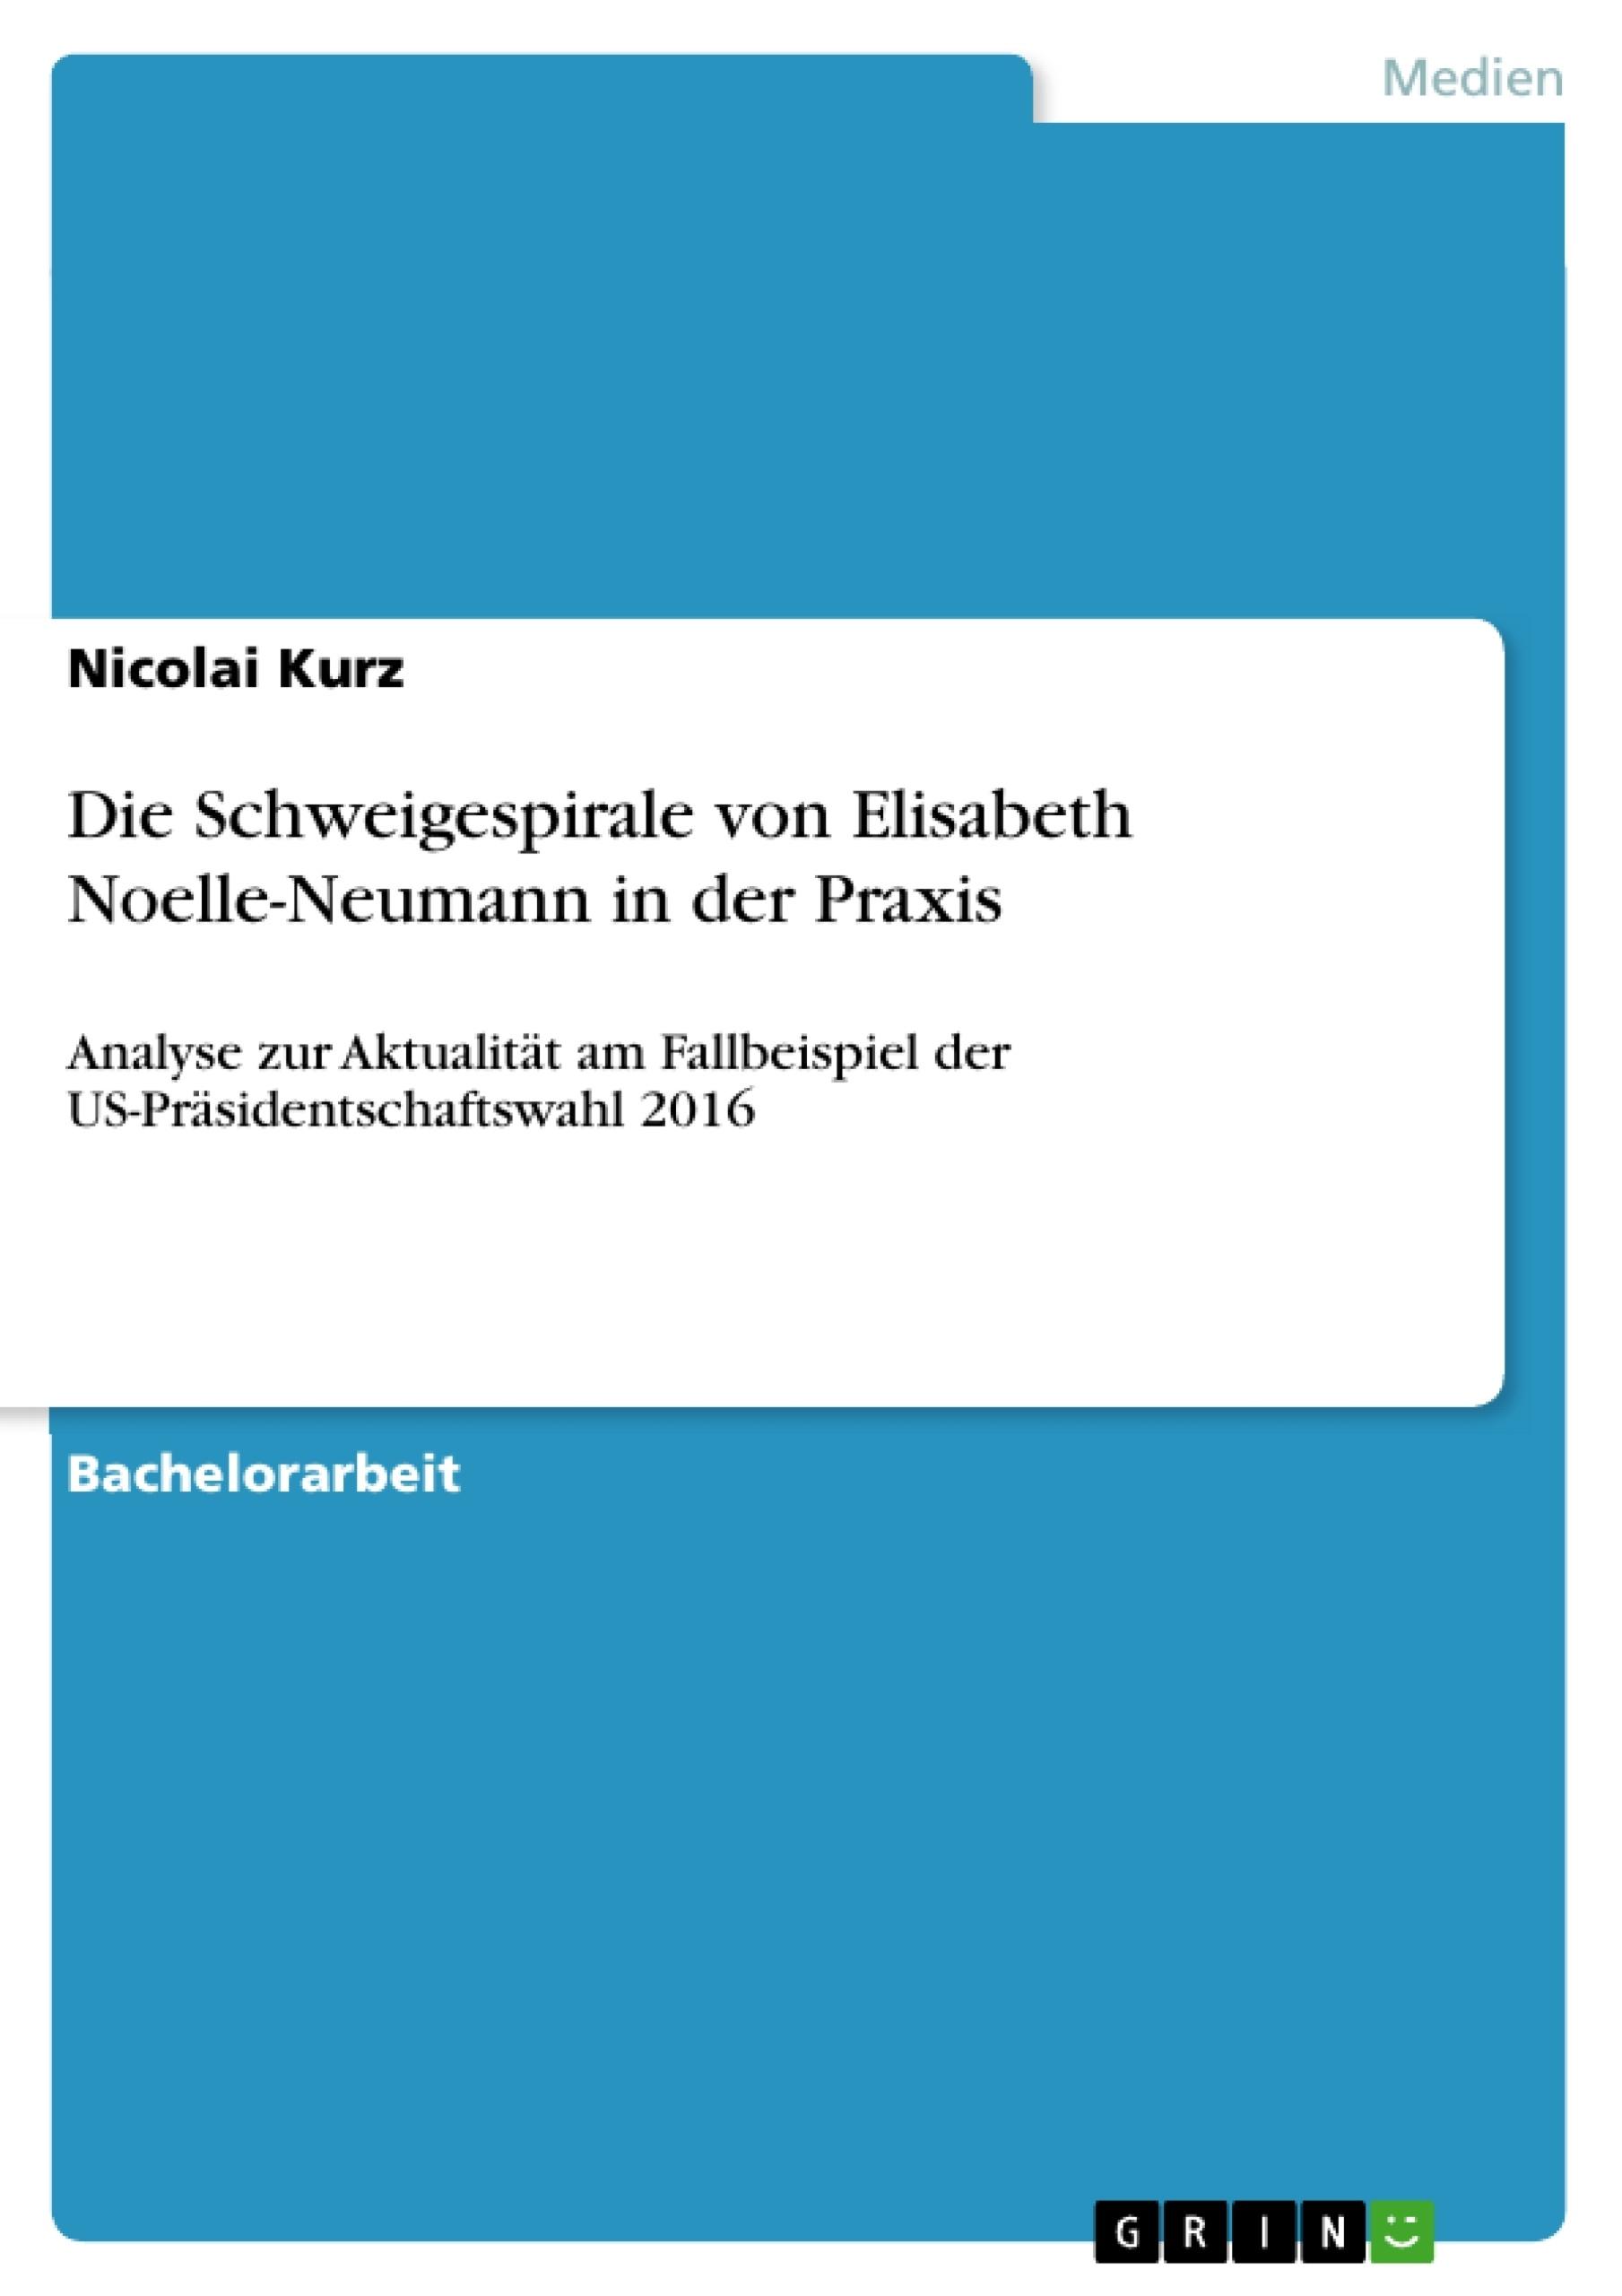 Titel: Die Schweigespirale von Elisabeth Noelle-Neumann in der Praxis